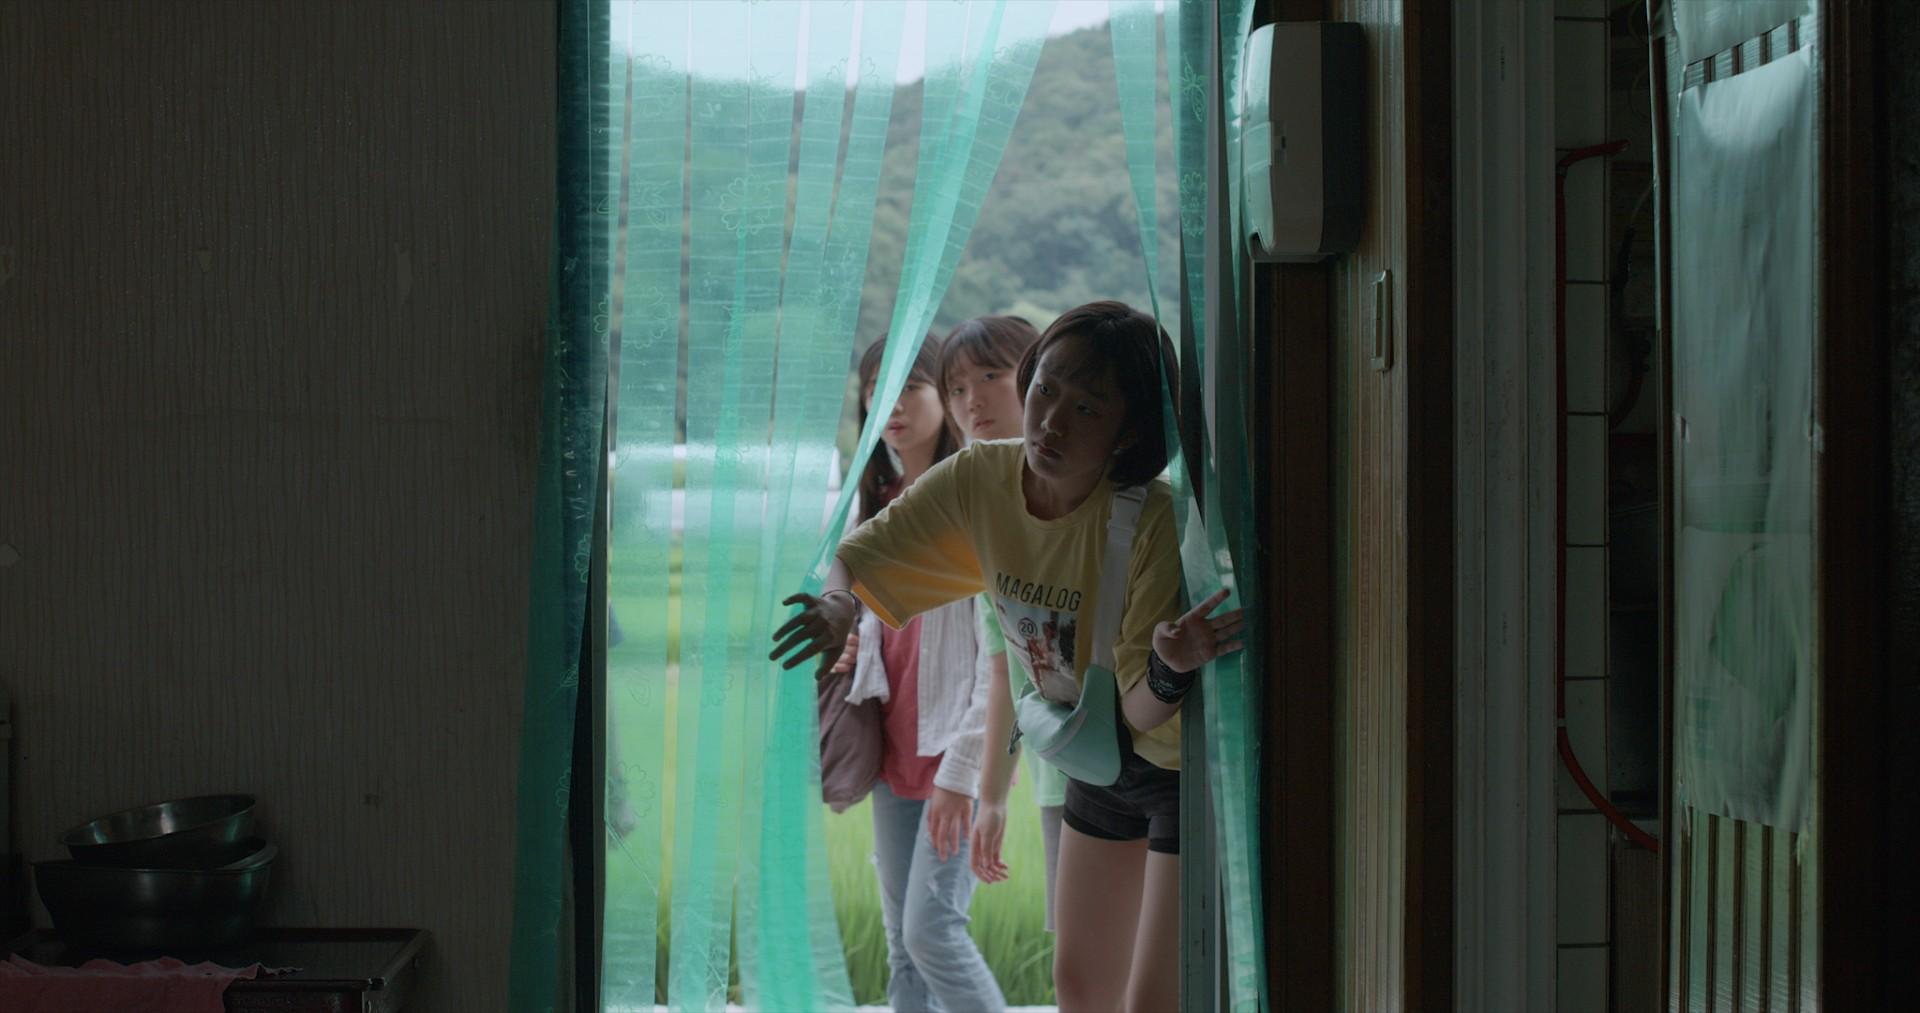 Short Vacation (Hansol Seo & Kwon Min-pyo)